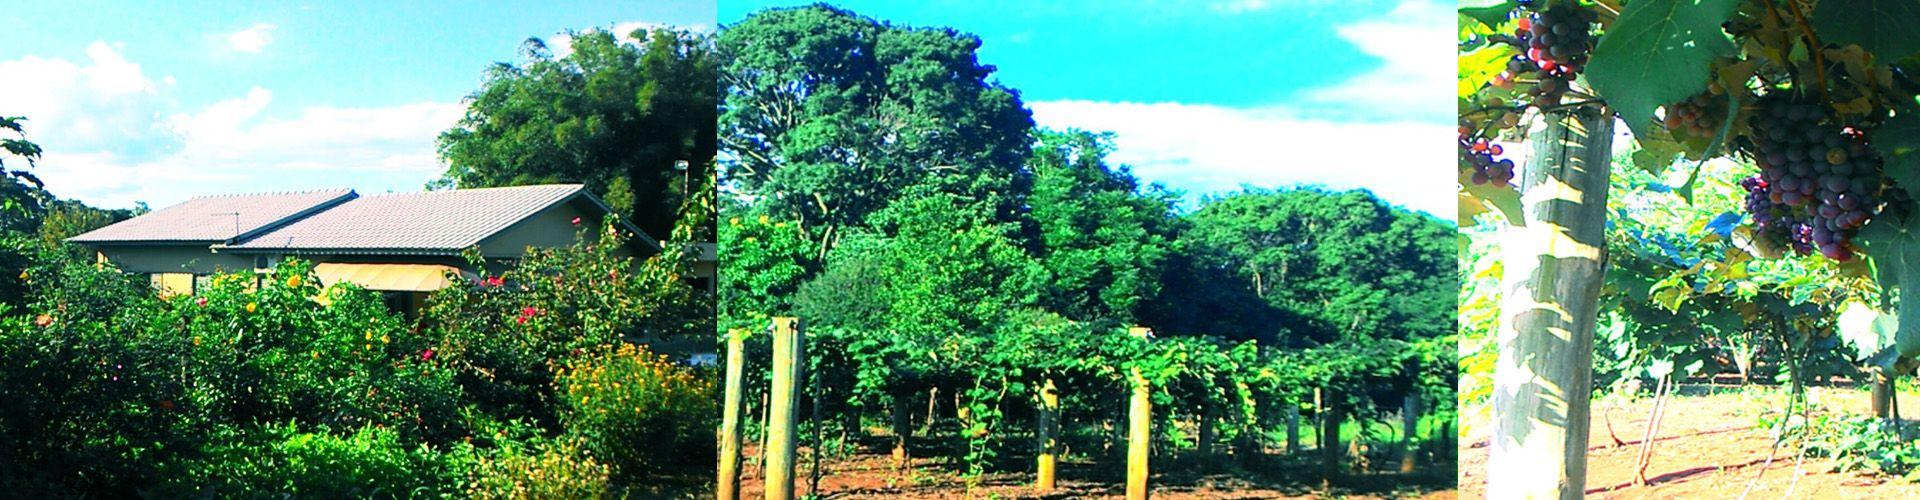 Propriedade de Roque Luiz Dametto, Linha Ouro Verde, Medianeira, Pr |fotos de Teresinha Alves Dametto